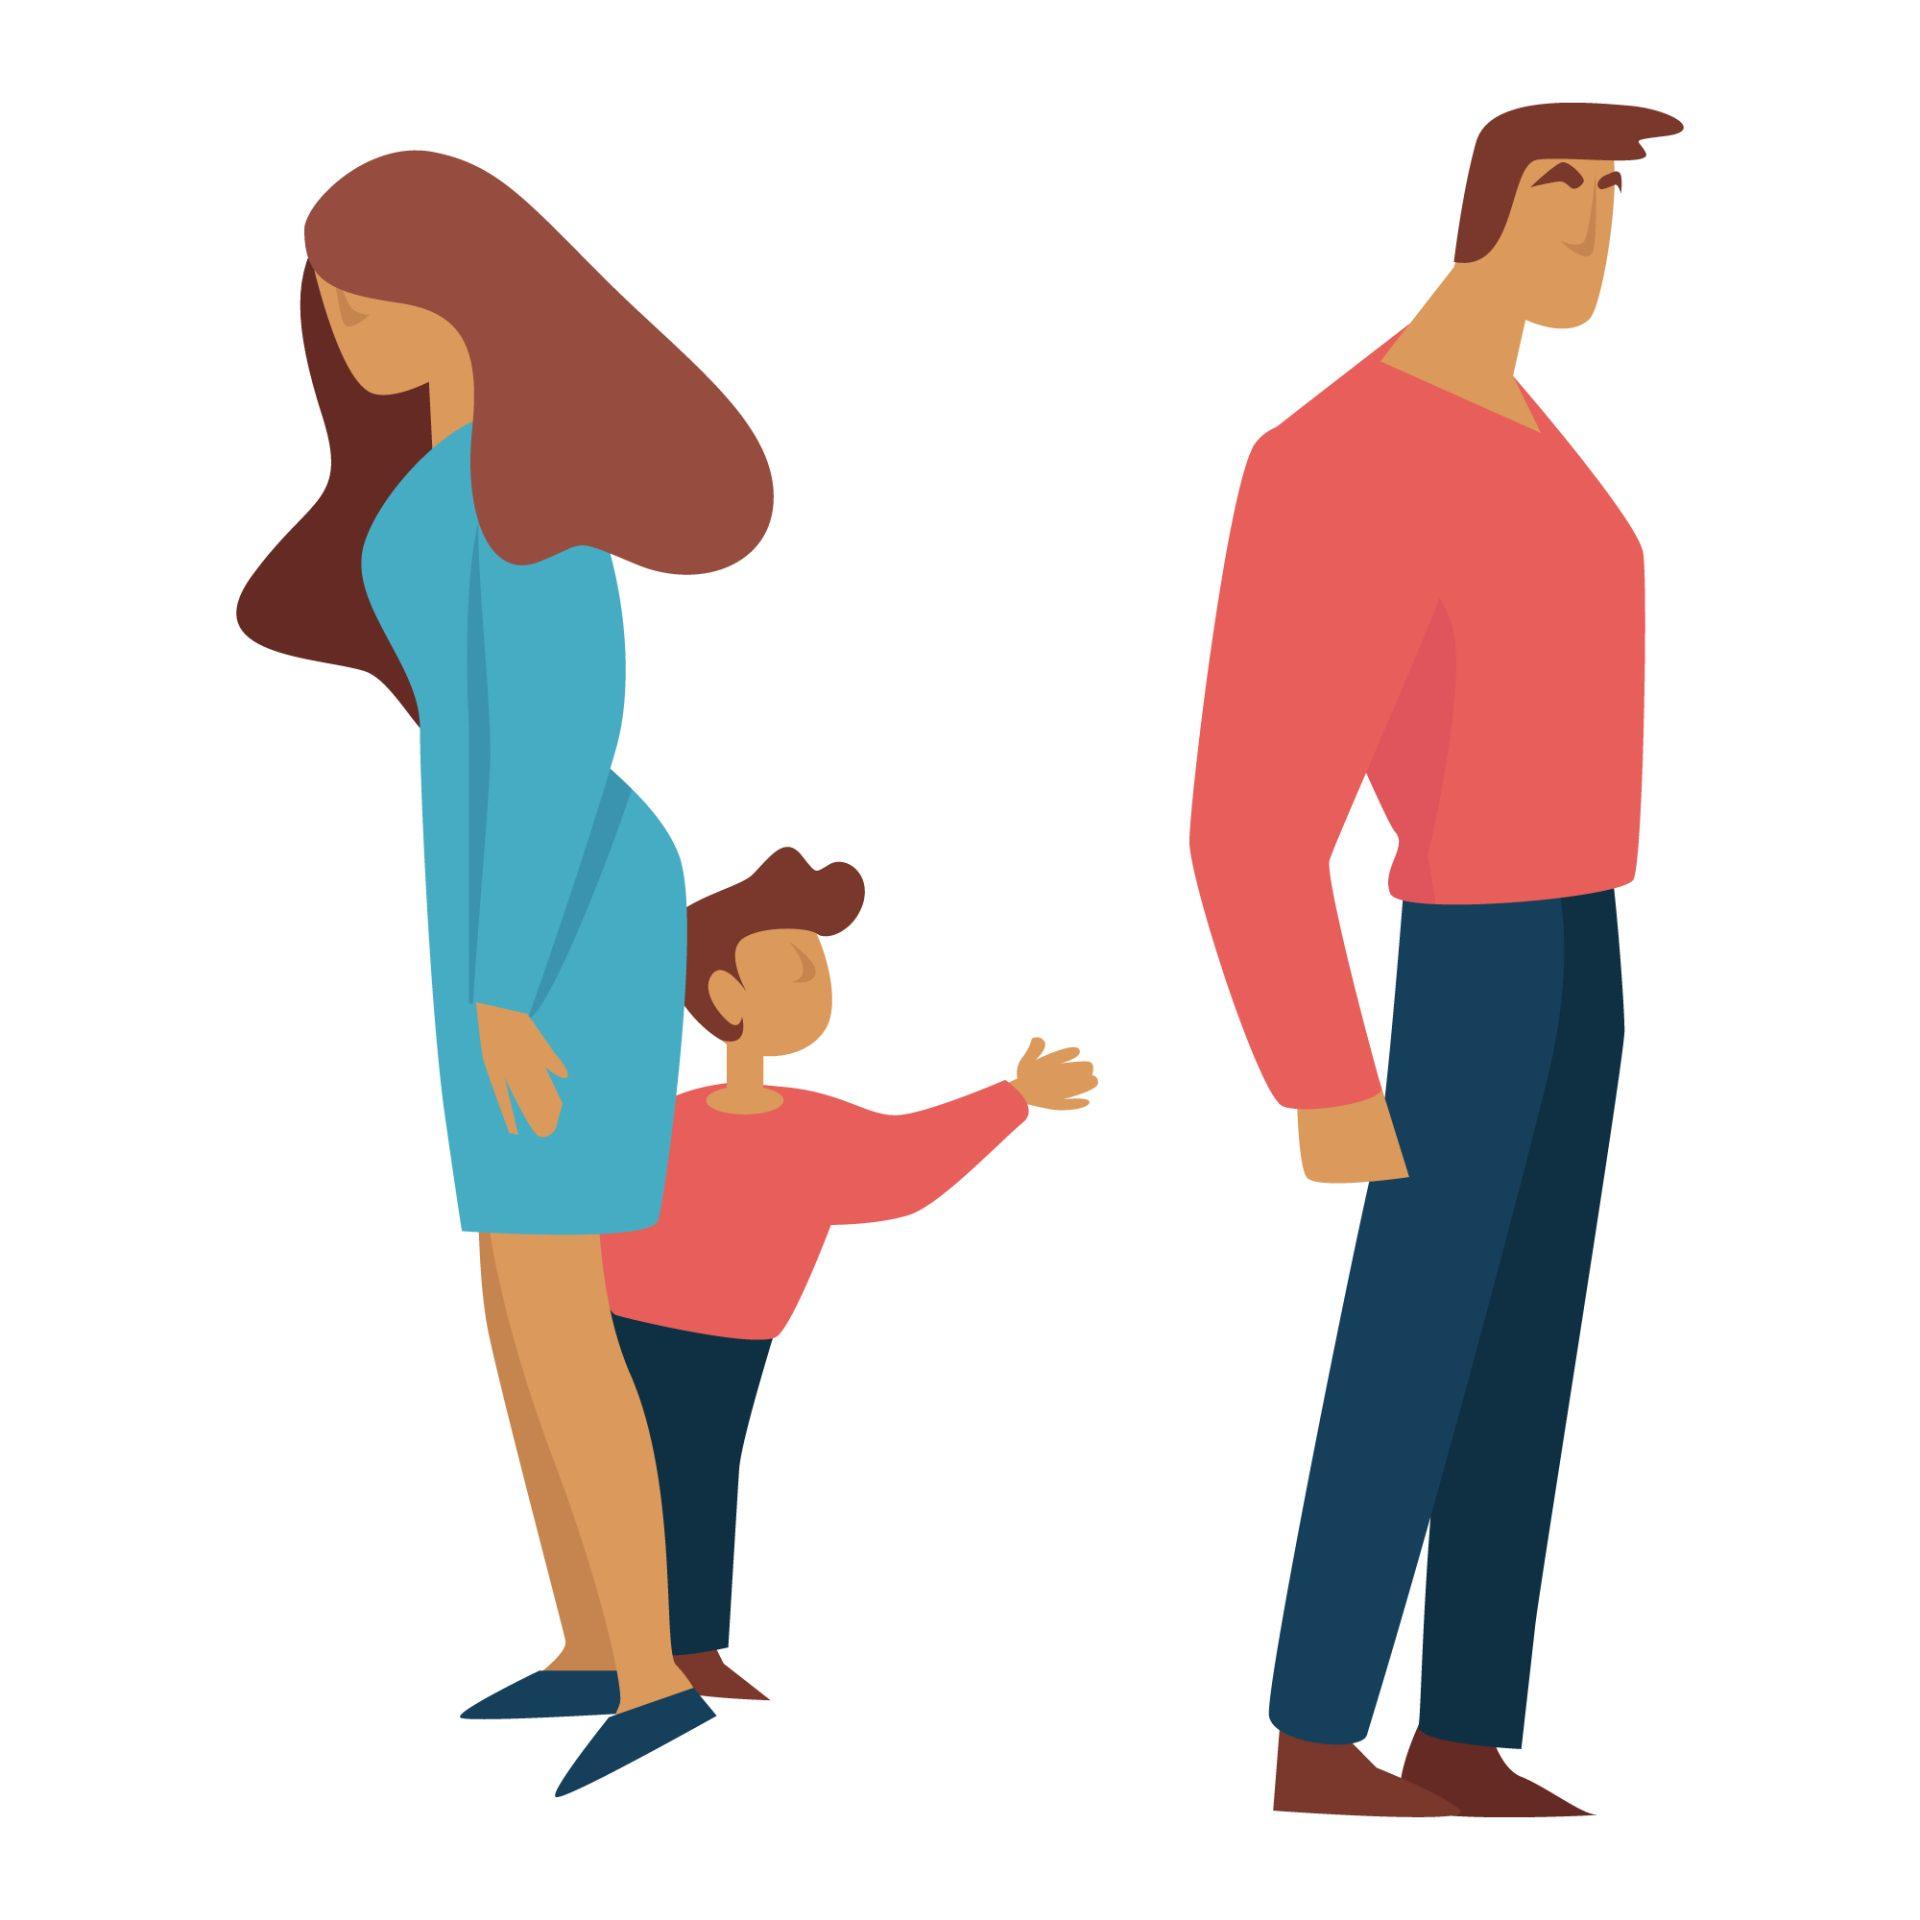 Părinți îmărțind custodia copilului